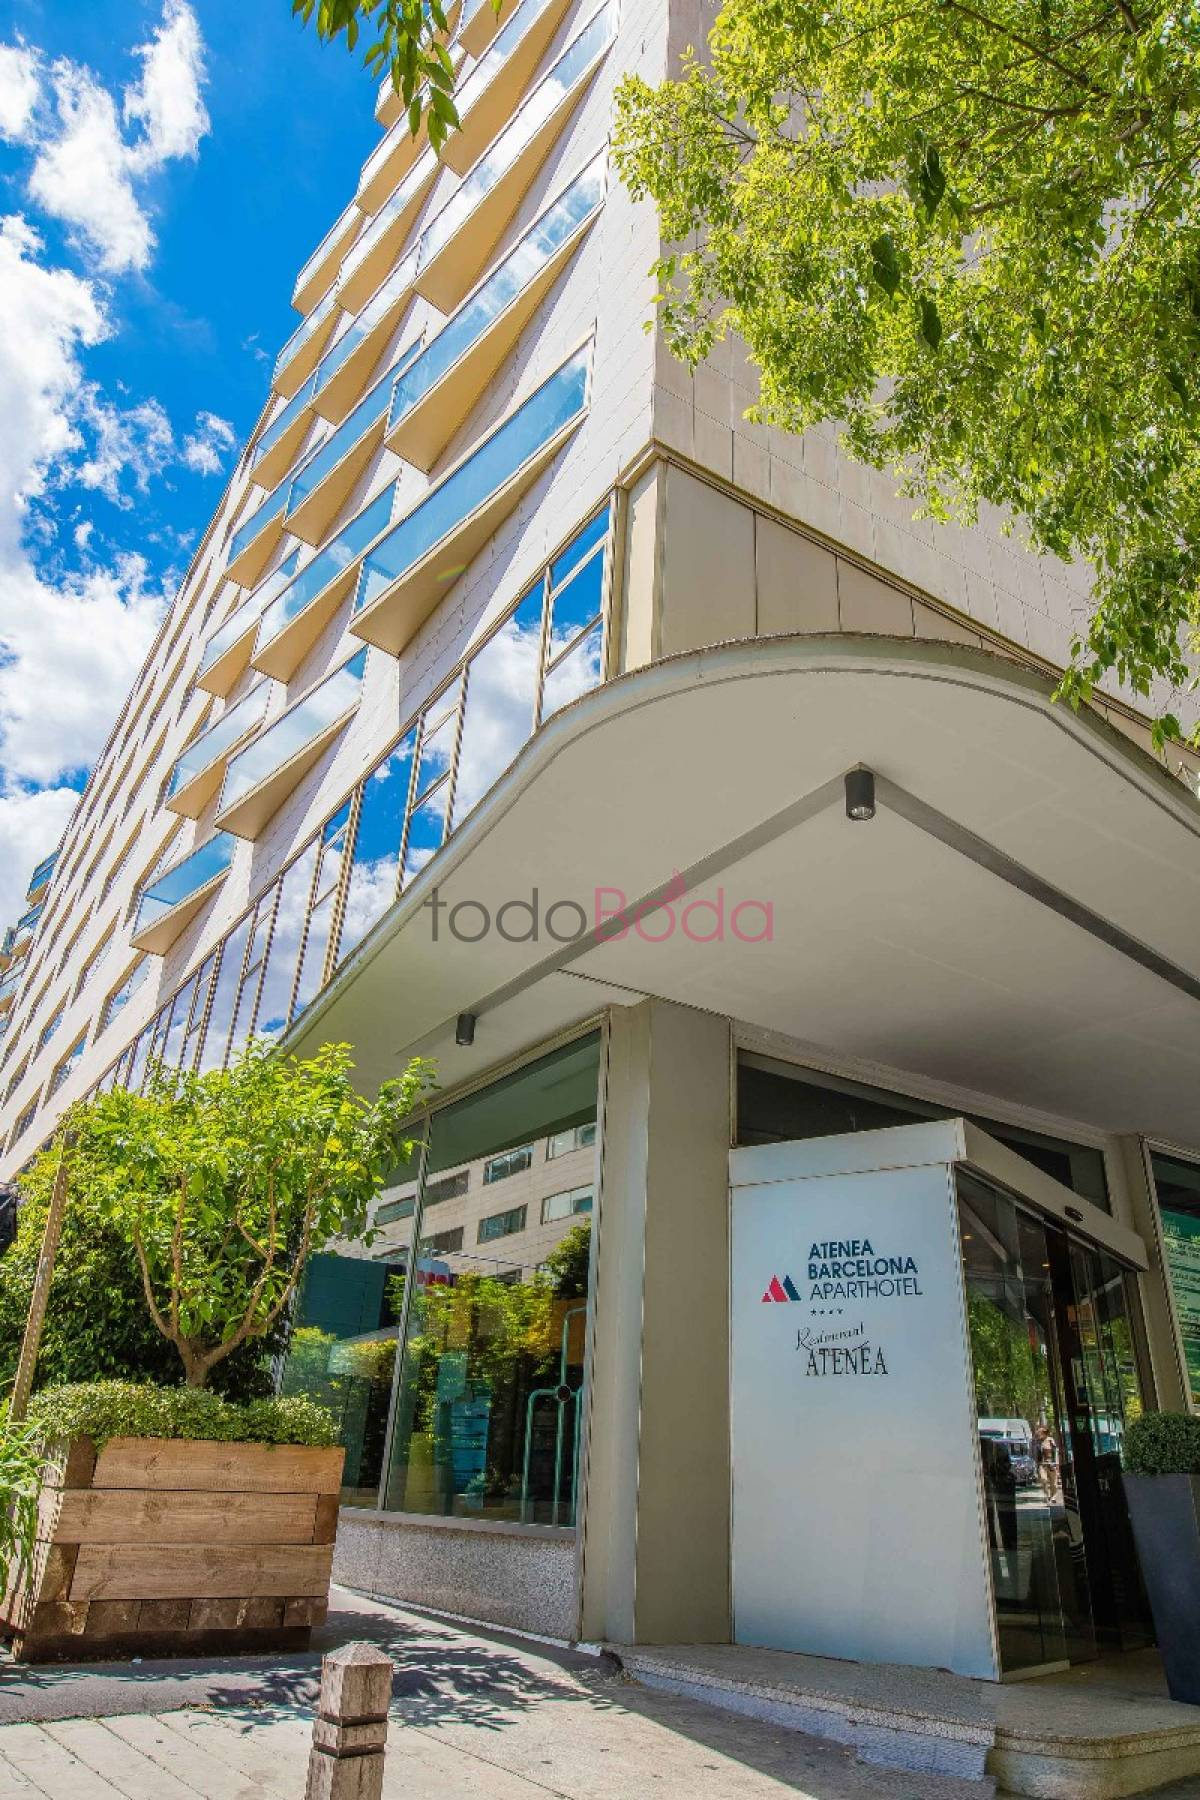 Hotel atenea barcelona for Aparthotel barcellona